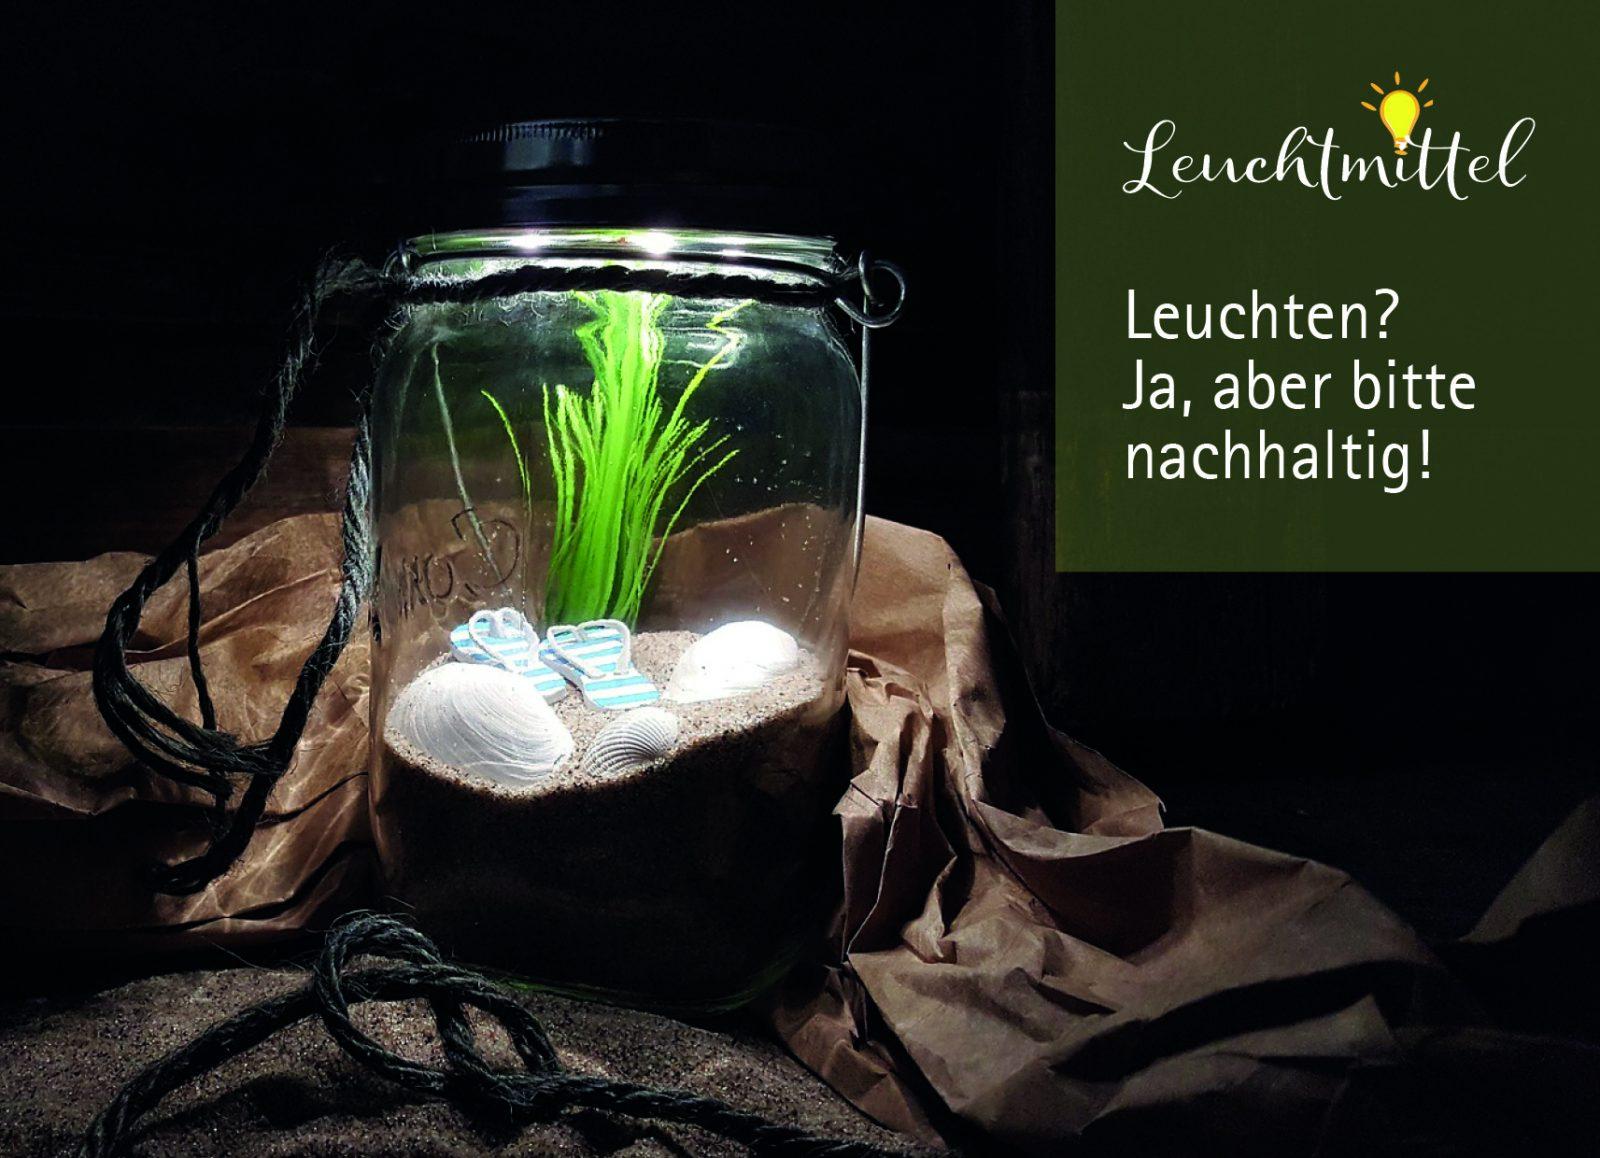 Leuchtmittel – Gottesdienst 27.1.